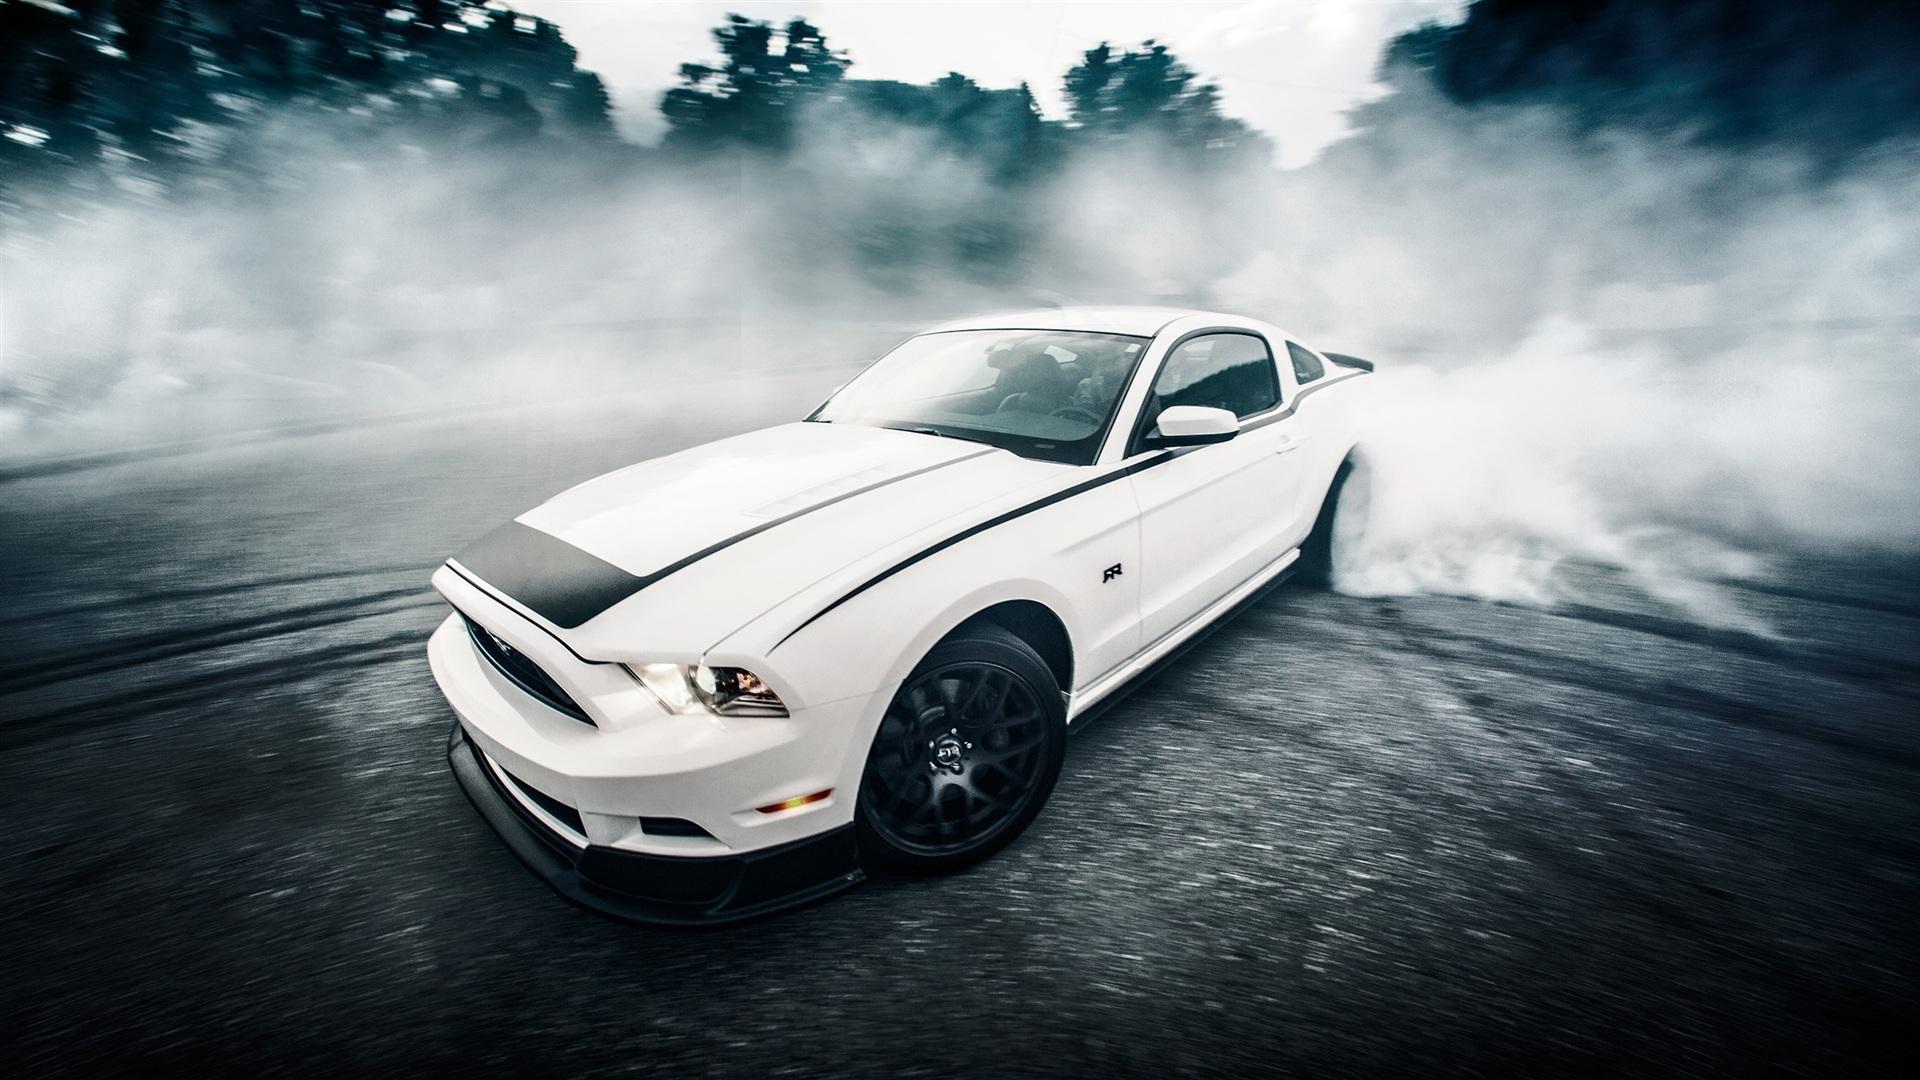 Fonds D 233 Cran Ford Mustang Voiture De Sport 2560x1440 Qhd